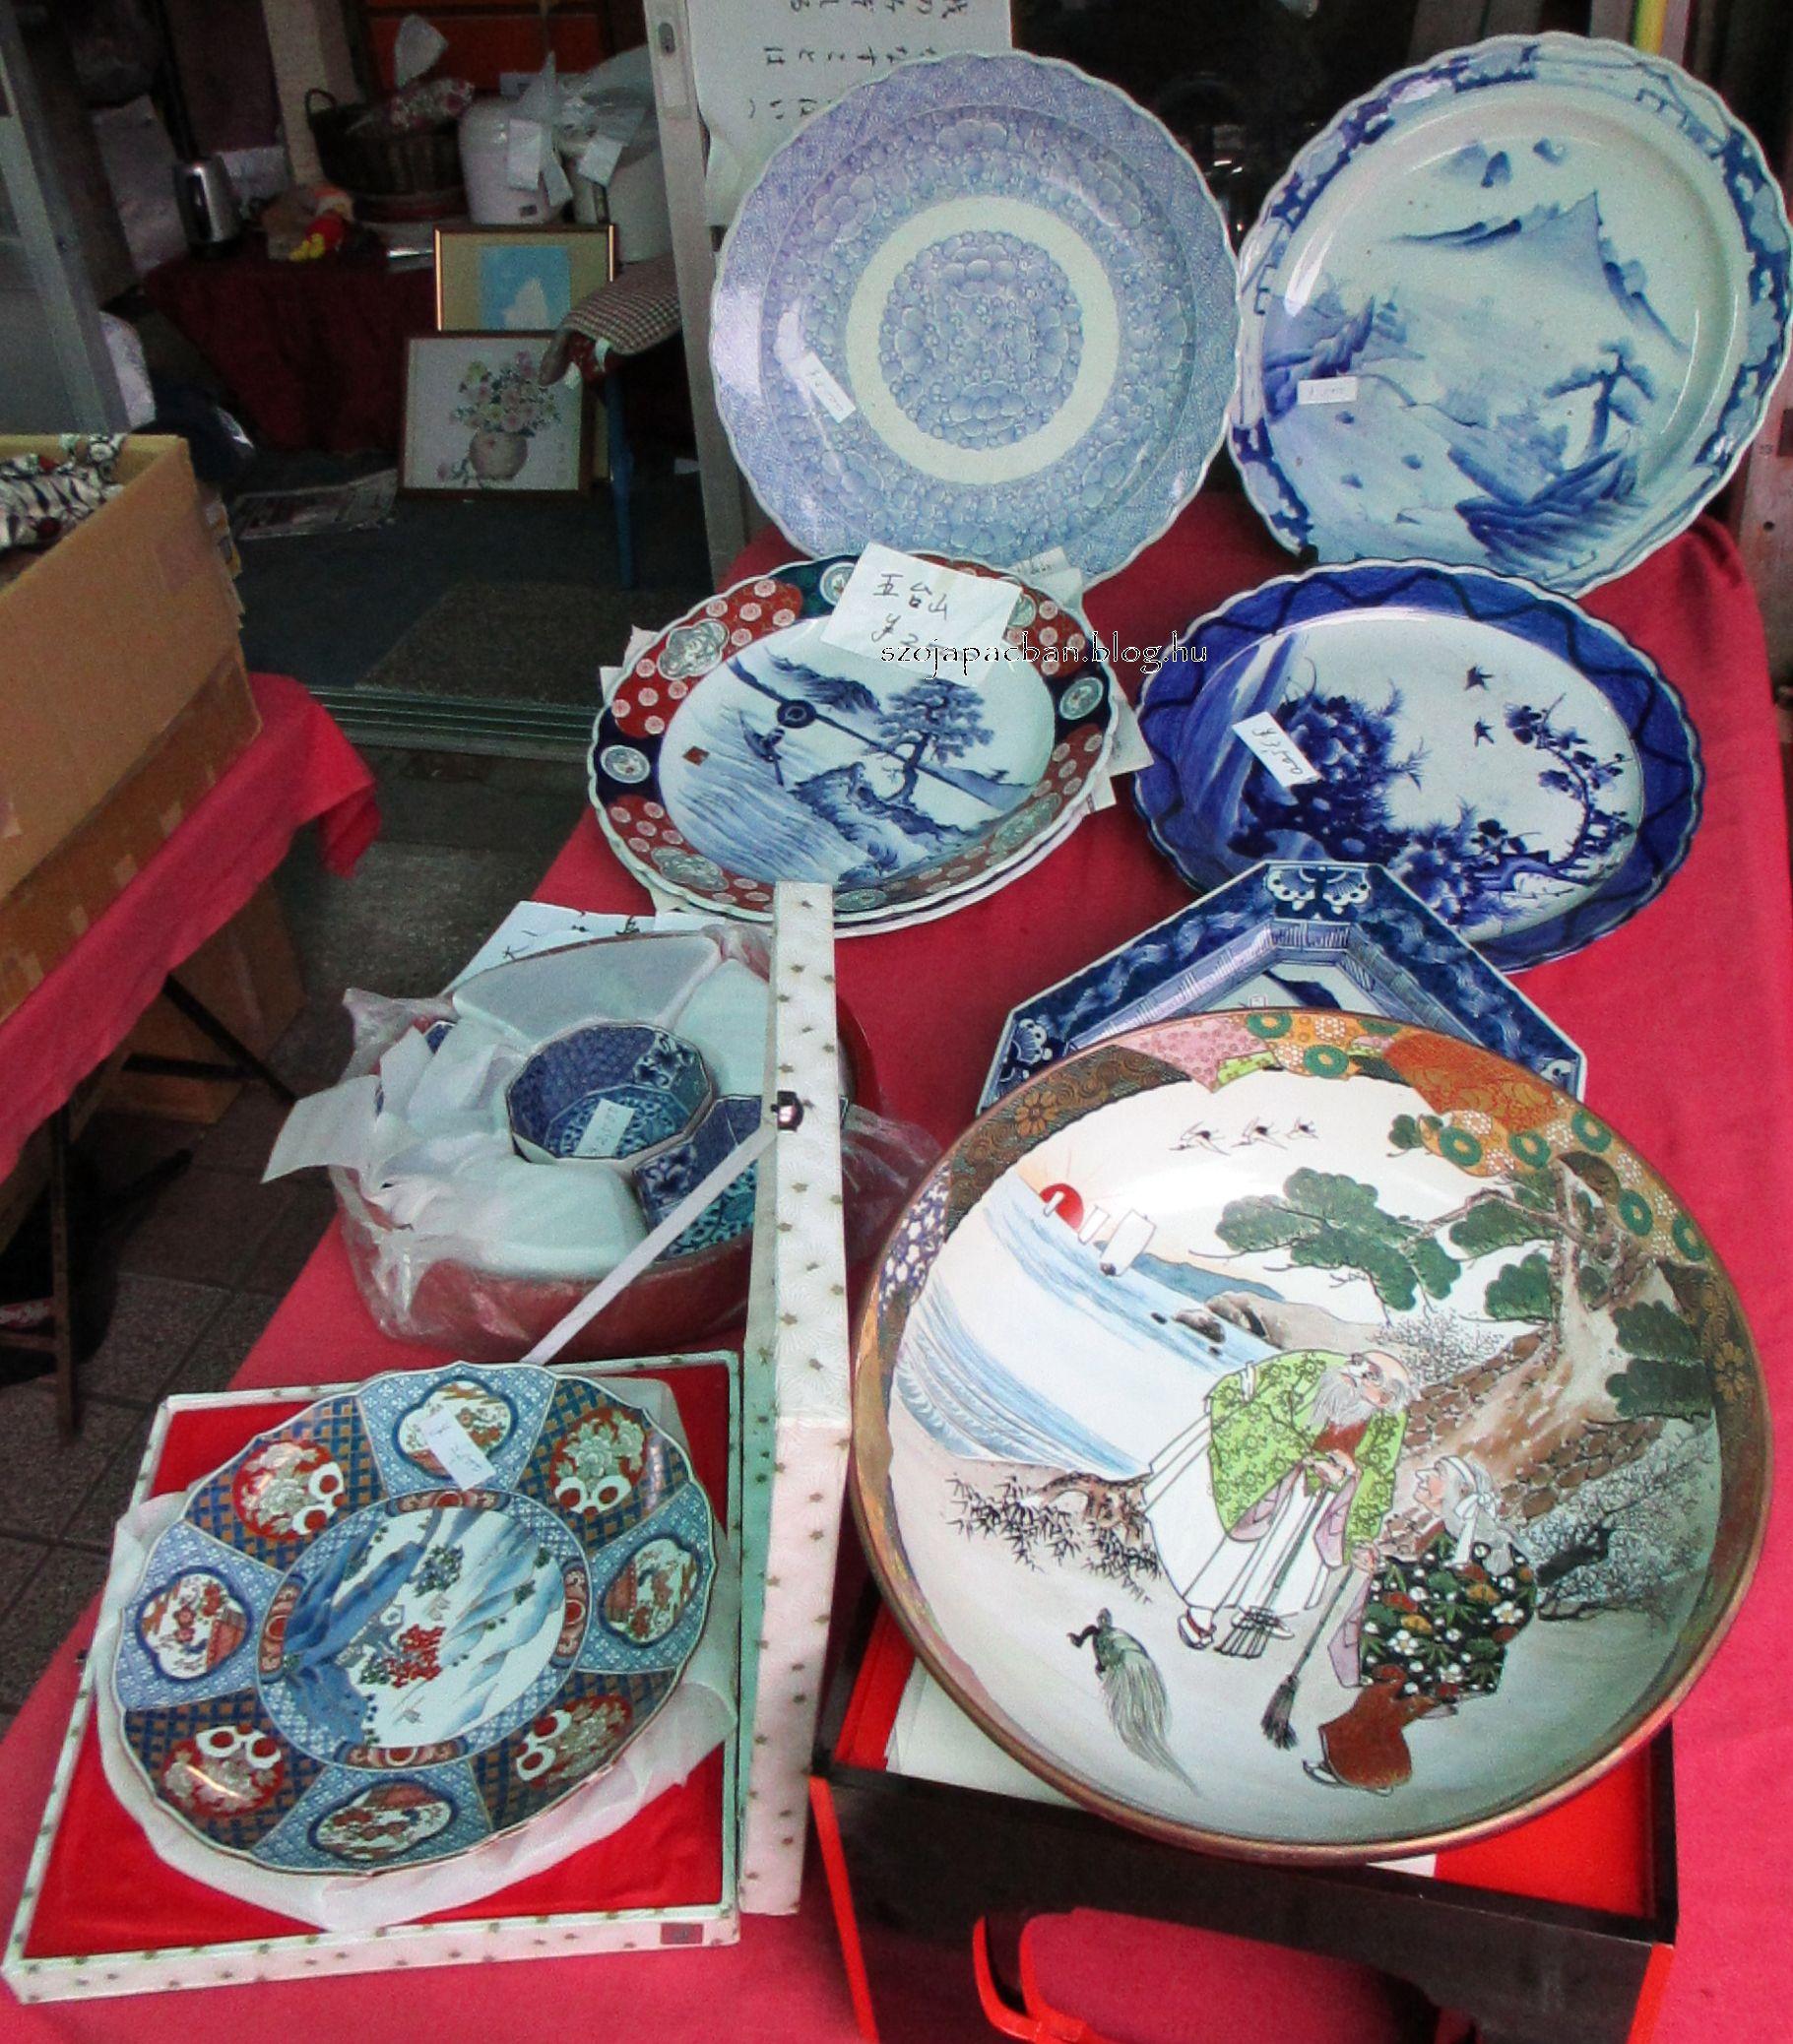 szavacsi tálak, hagyományos porcelán szasimi tálalók 30-40cm átmérővel